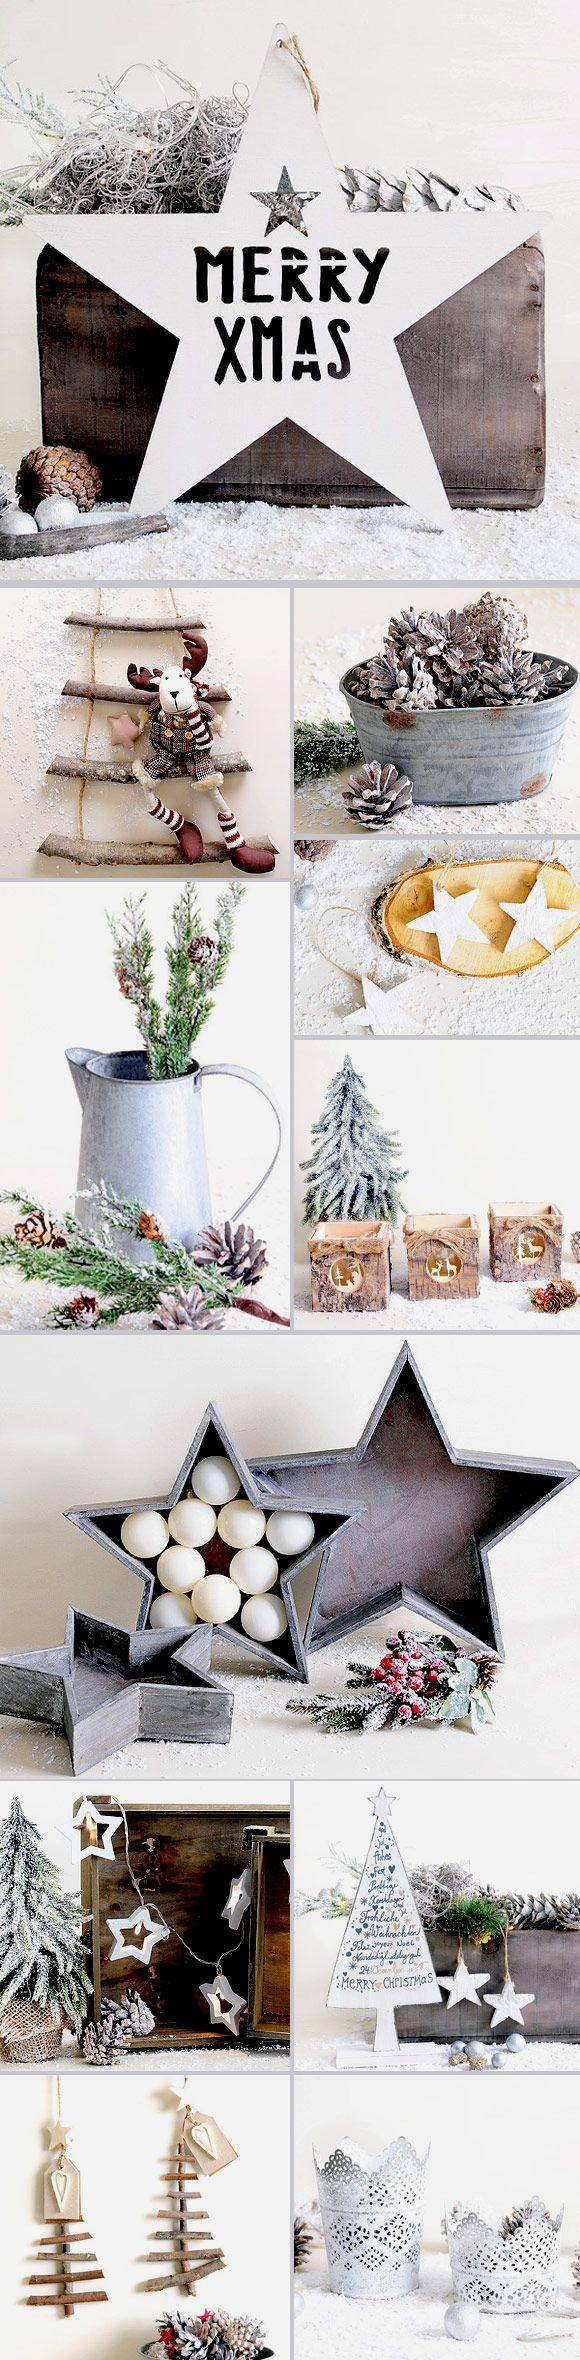 Decoracion nordica para navidad ideas e inspiraci n muy - Ideas para decorar en navidad ...